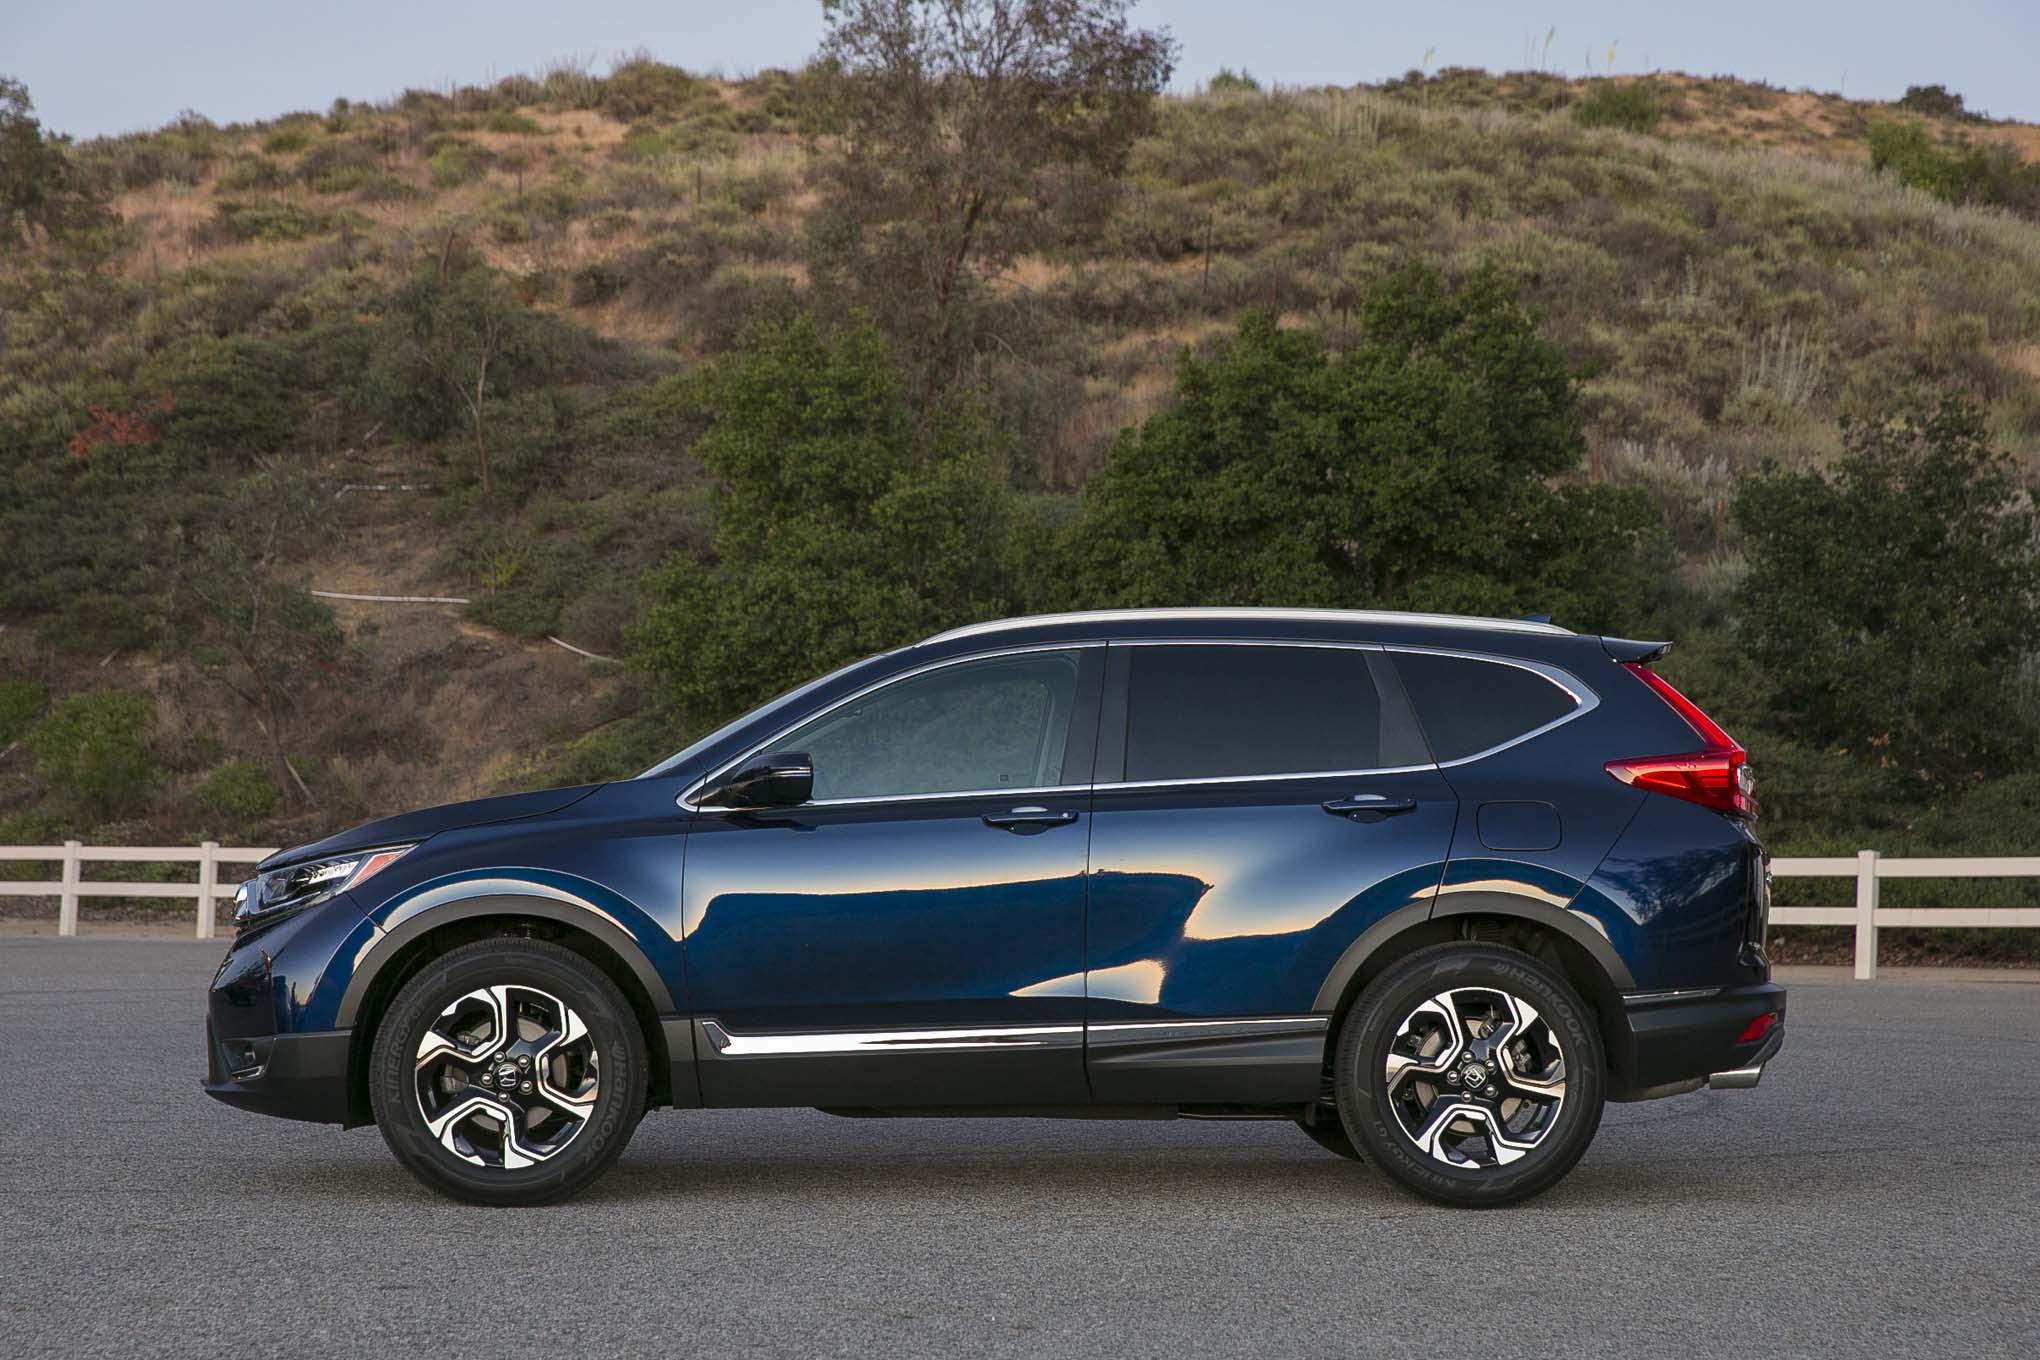 Rdx Vs Crv >> Honda CR-V 2018 recibe ligero incremento en su precio ...